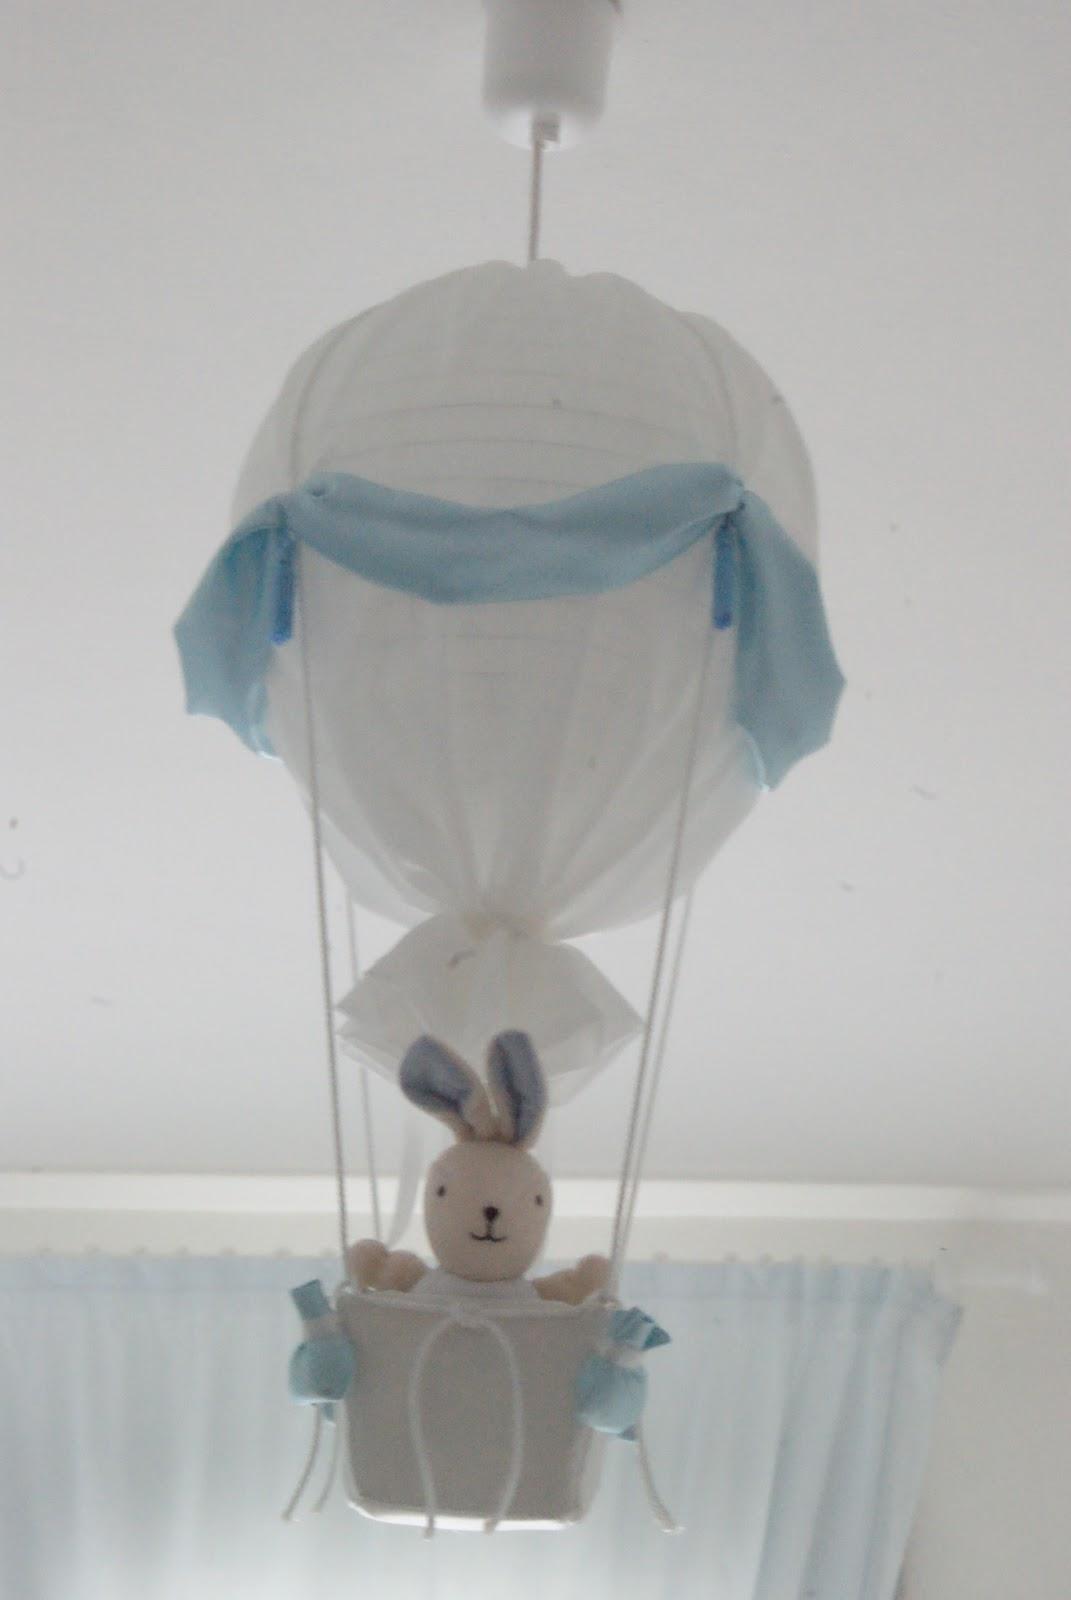 Lampadario bambini mongolfiera la collezione di disegni di lampade che - Ikea lampadario bambini ...